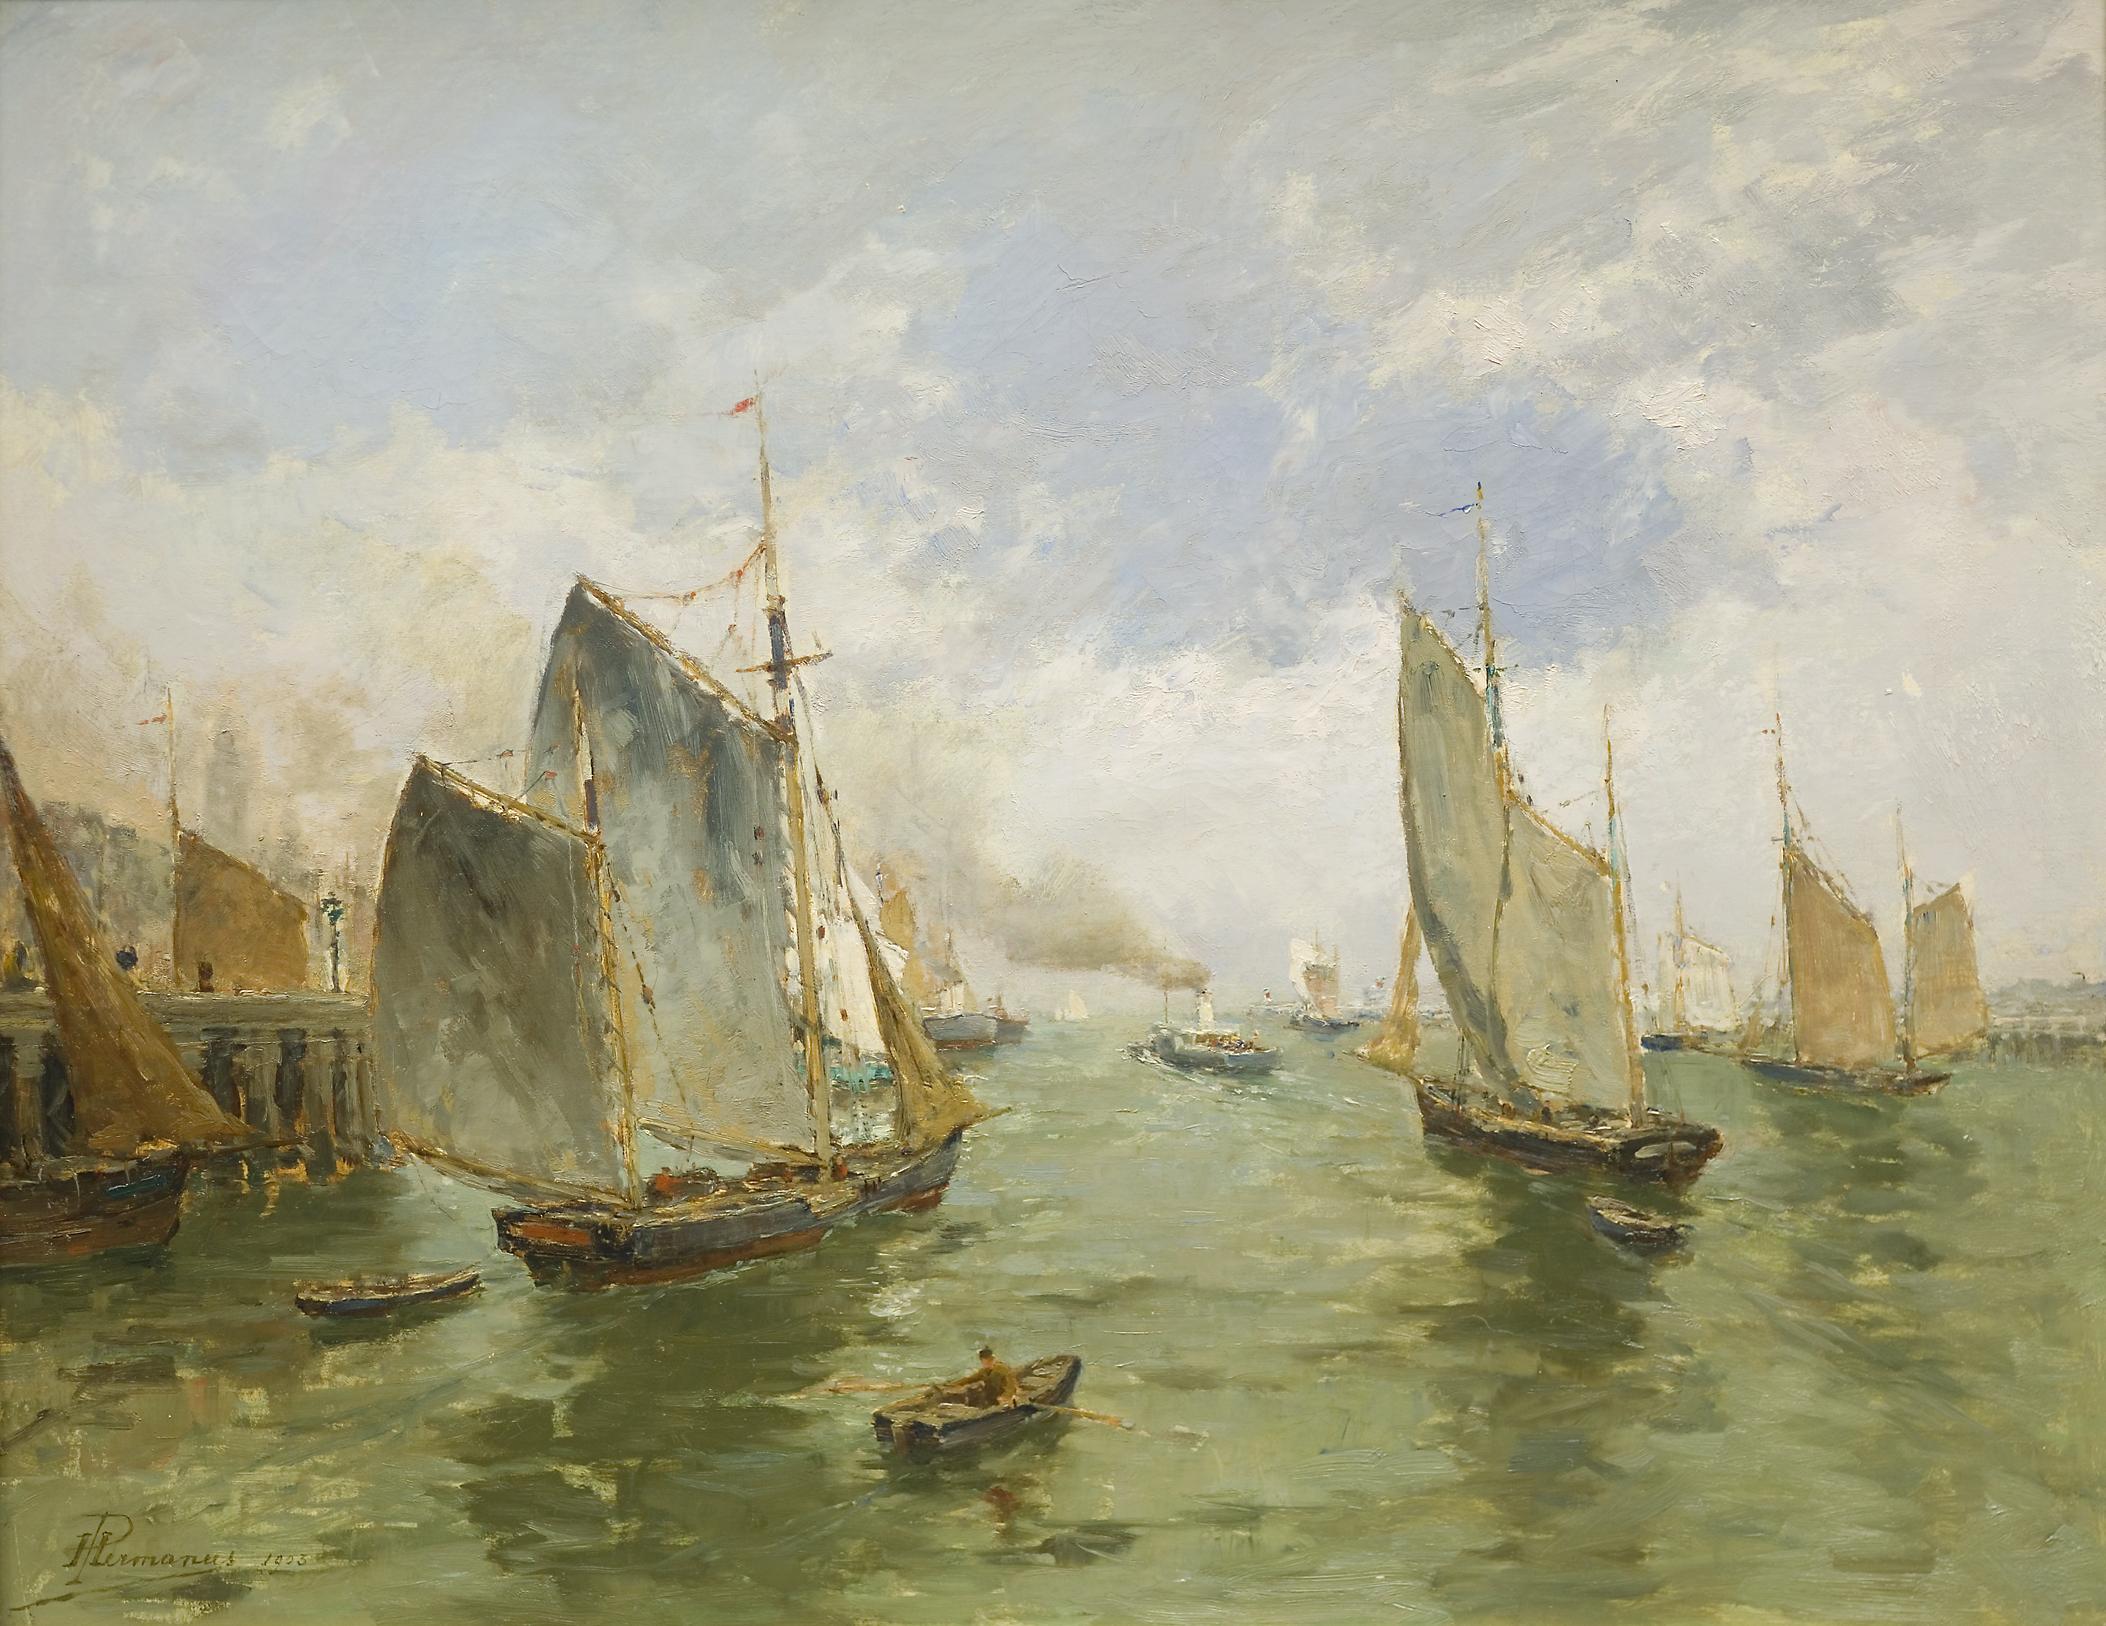 Depart de Bateaux de Peche, Ostende, Paul Hermanus, 1903, oil on canvas.